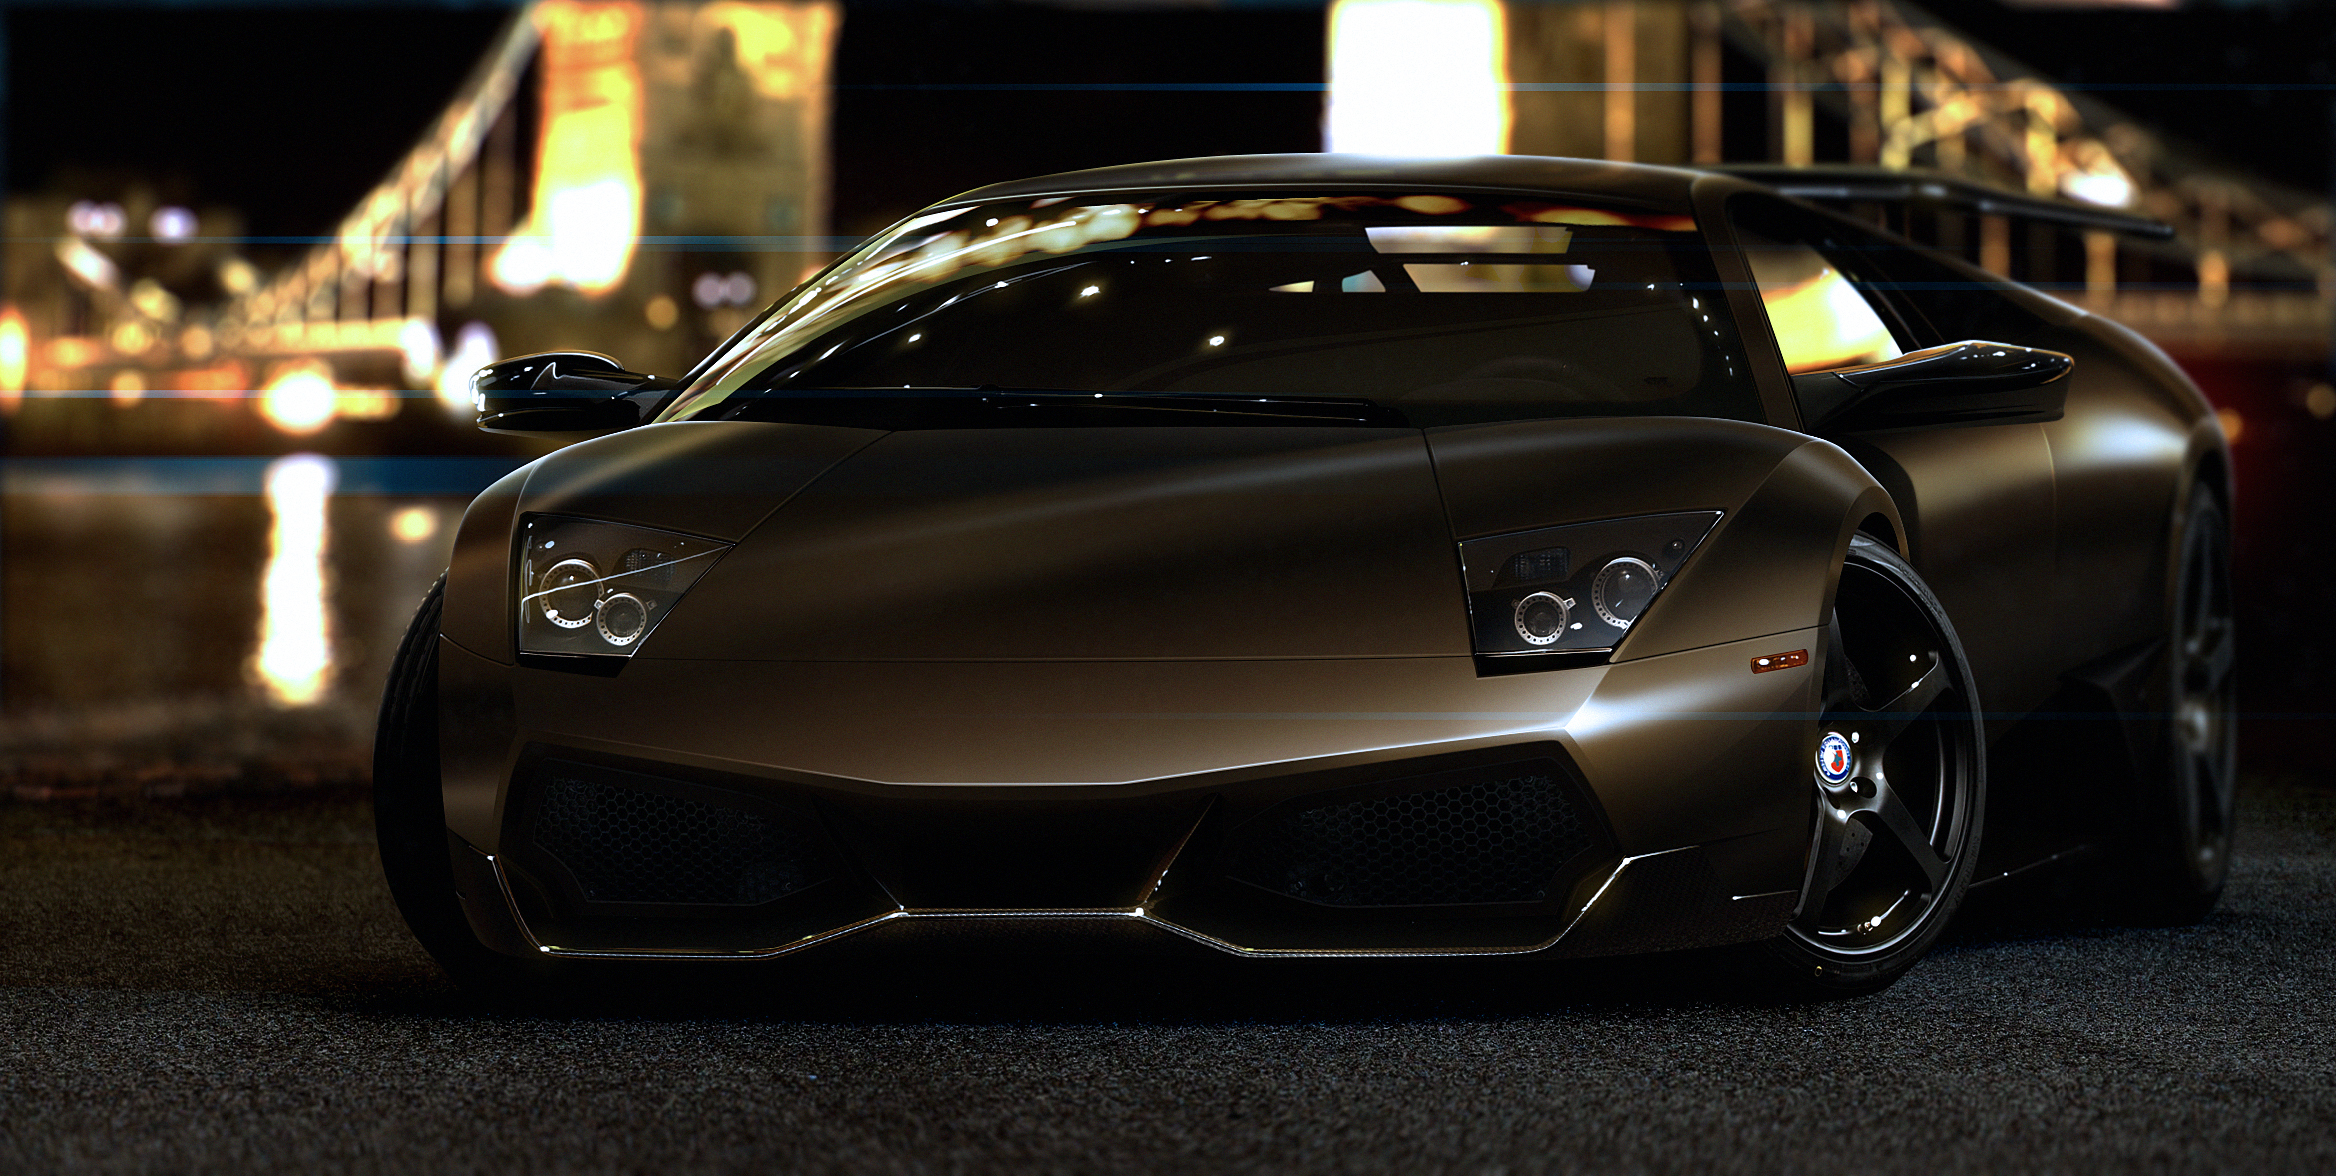 62845 Hintergrundbild herunterladen Cars, Lamborghini, Blendung, Murcielago, Lp670-4, Sv, Vorderseite, Vorder-, Jackdarton, Murselago, Nacht Lichter, Nachtlichter - Bildschirmschoner und Bilder kostenlos